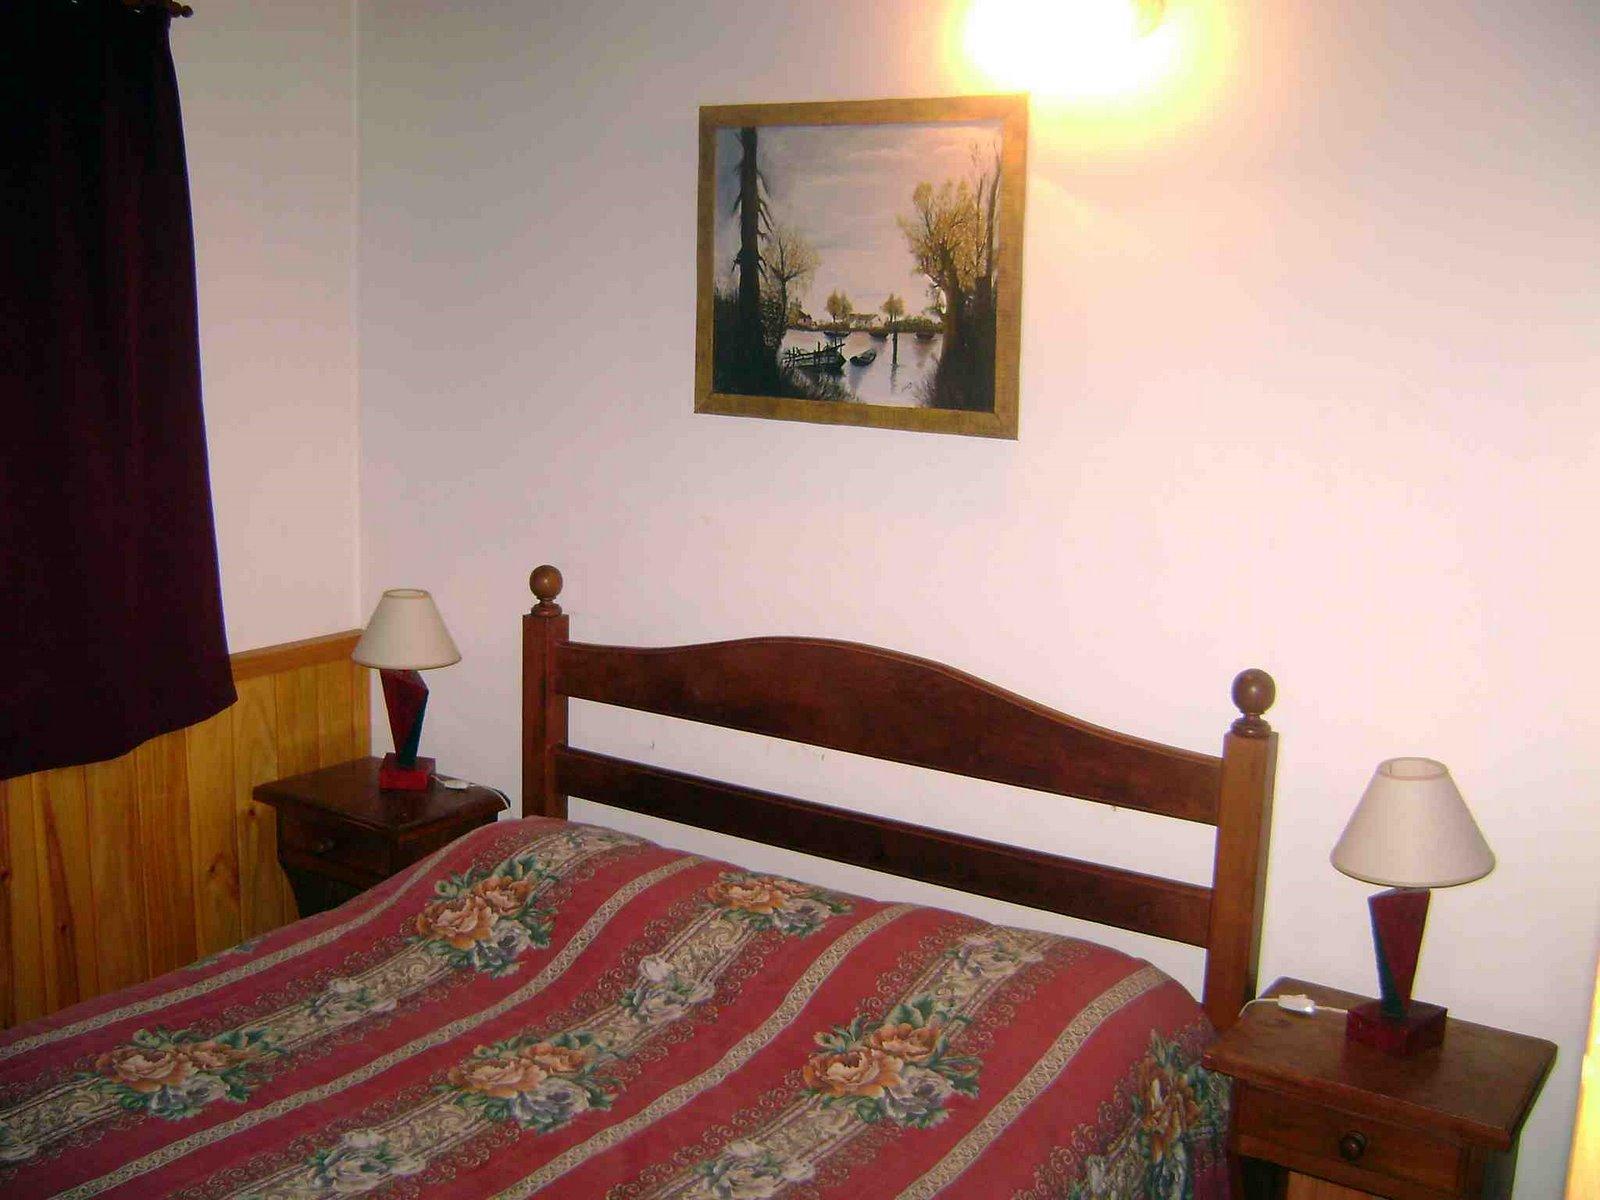 [Dormitorio+cab+para+6+pax+nº+2+cama+2+plazas.JPG]